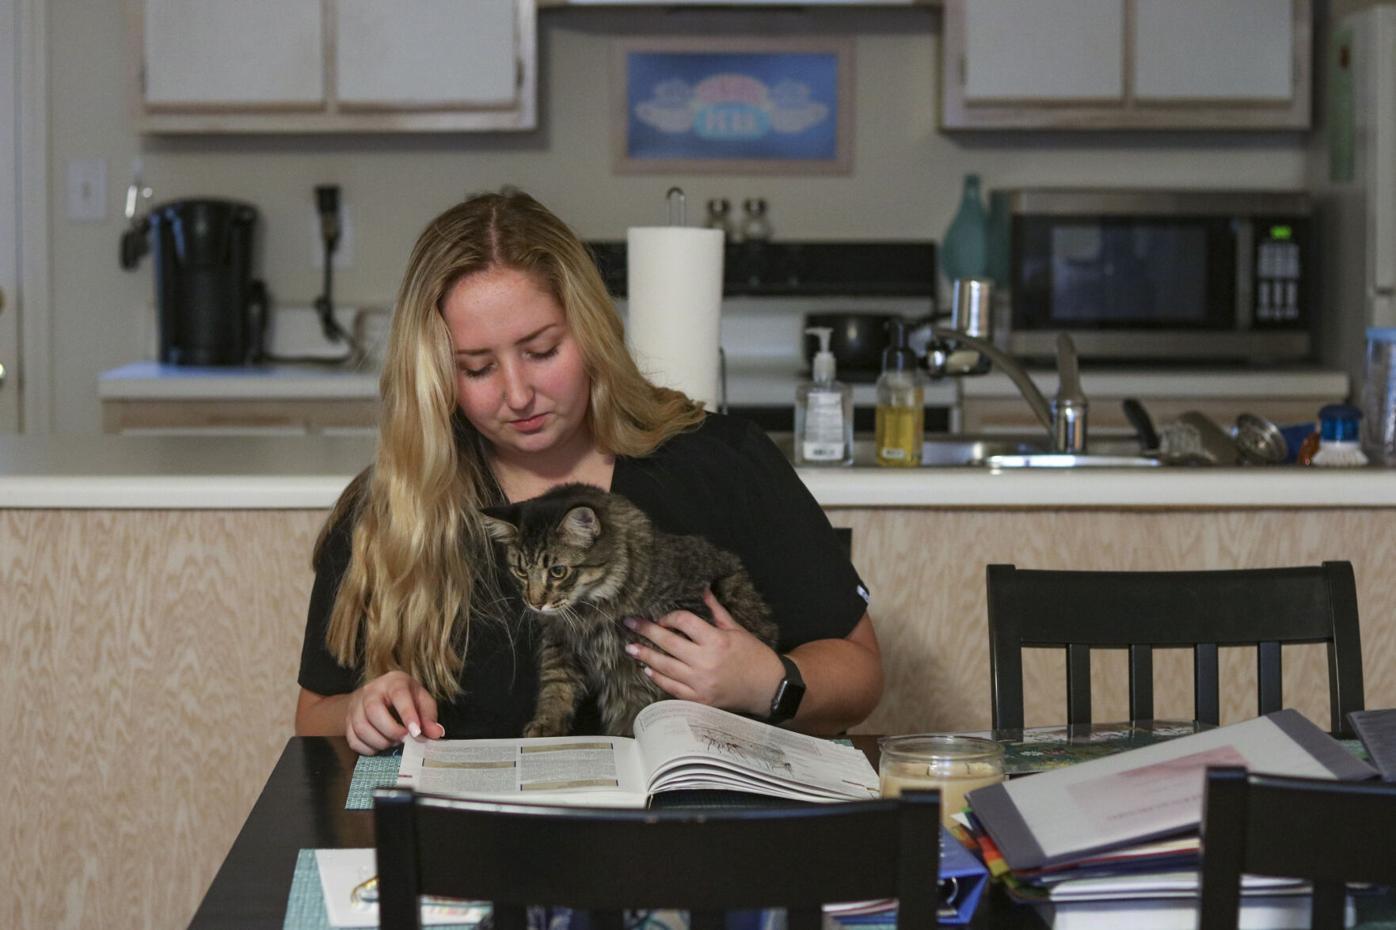 Morgan and Cat